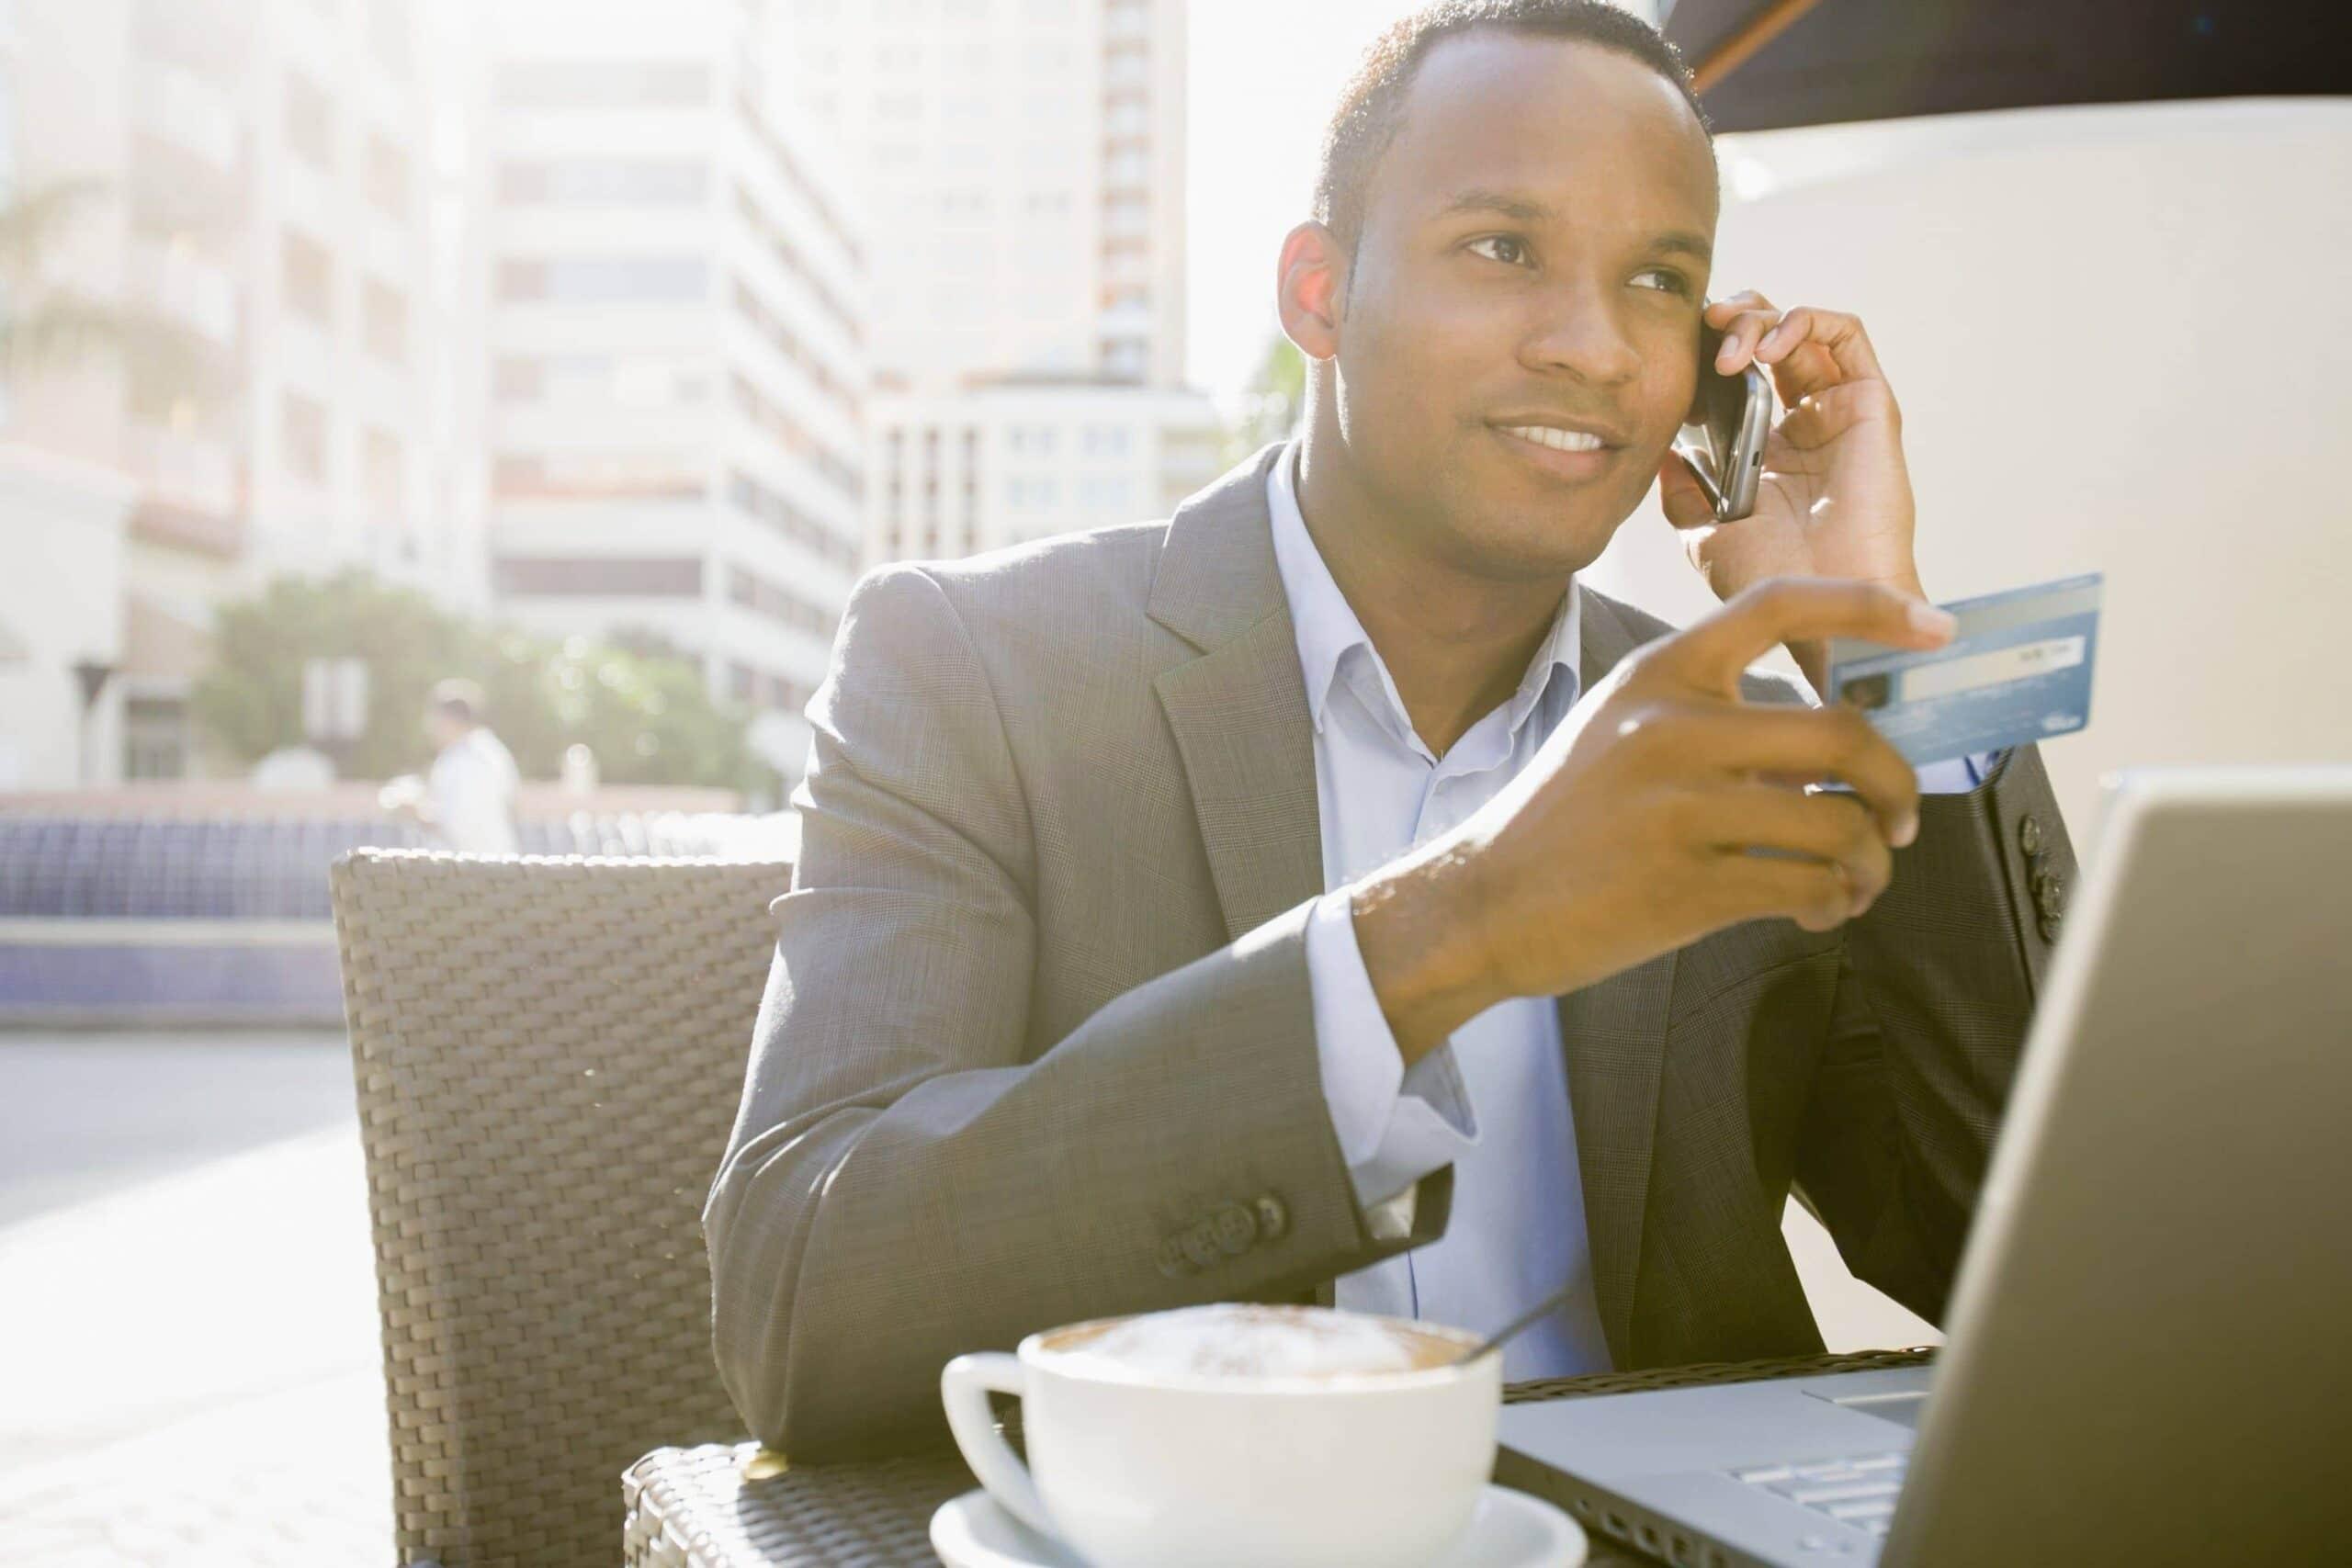 Cartão de crédito corporativo: quais são as vantagens de adotá-lo?